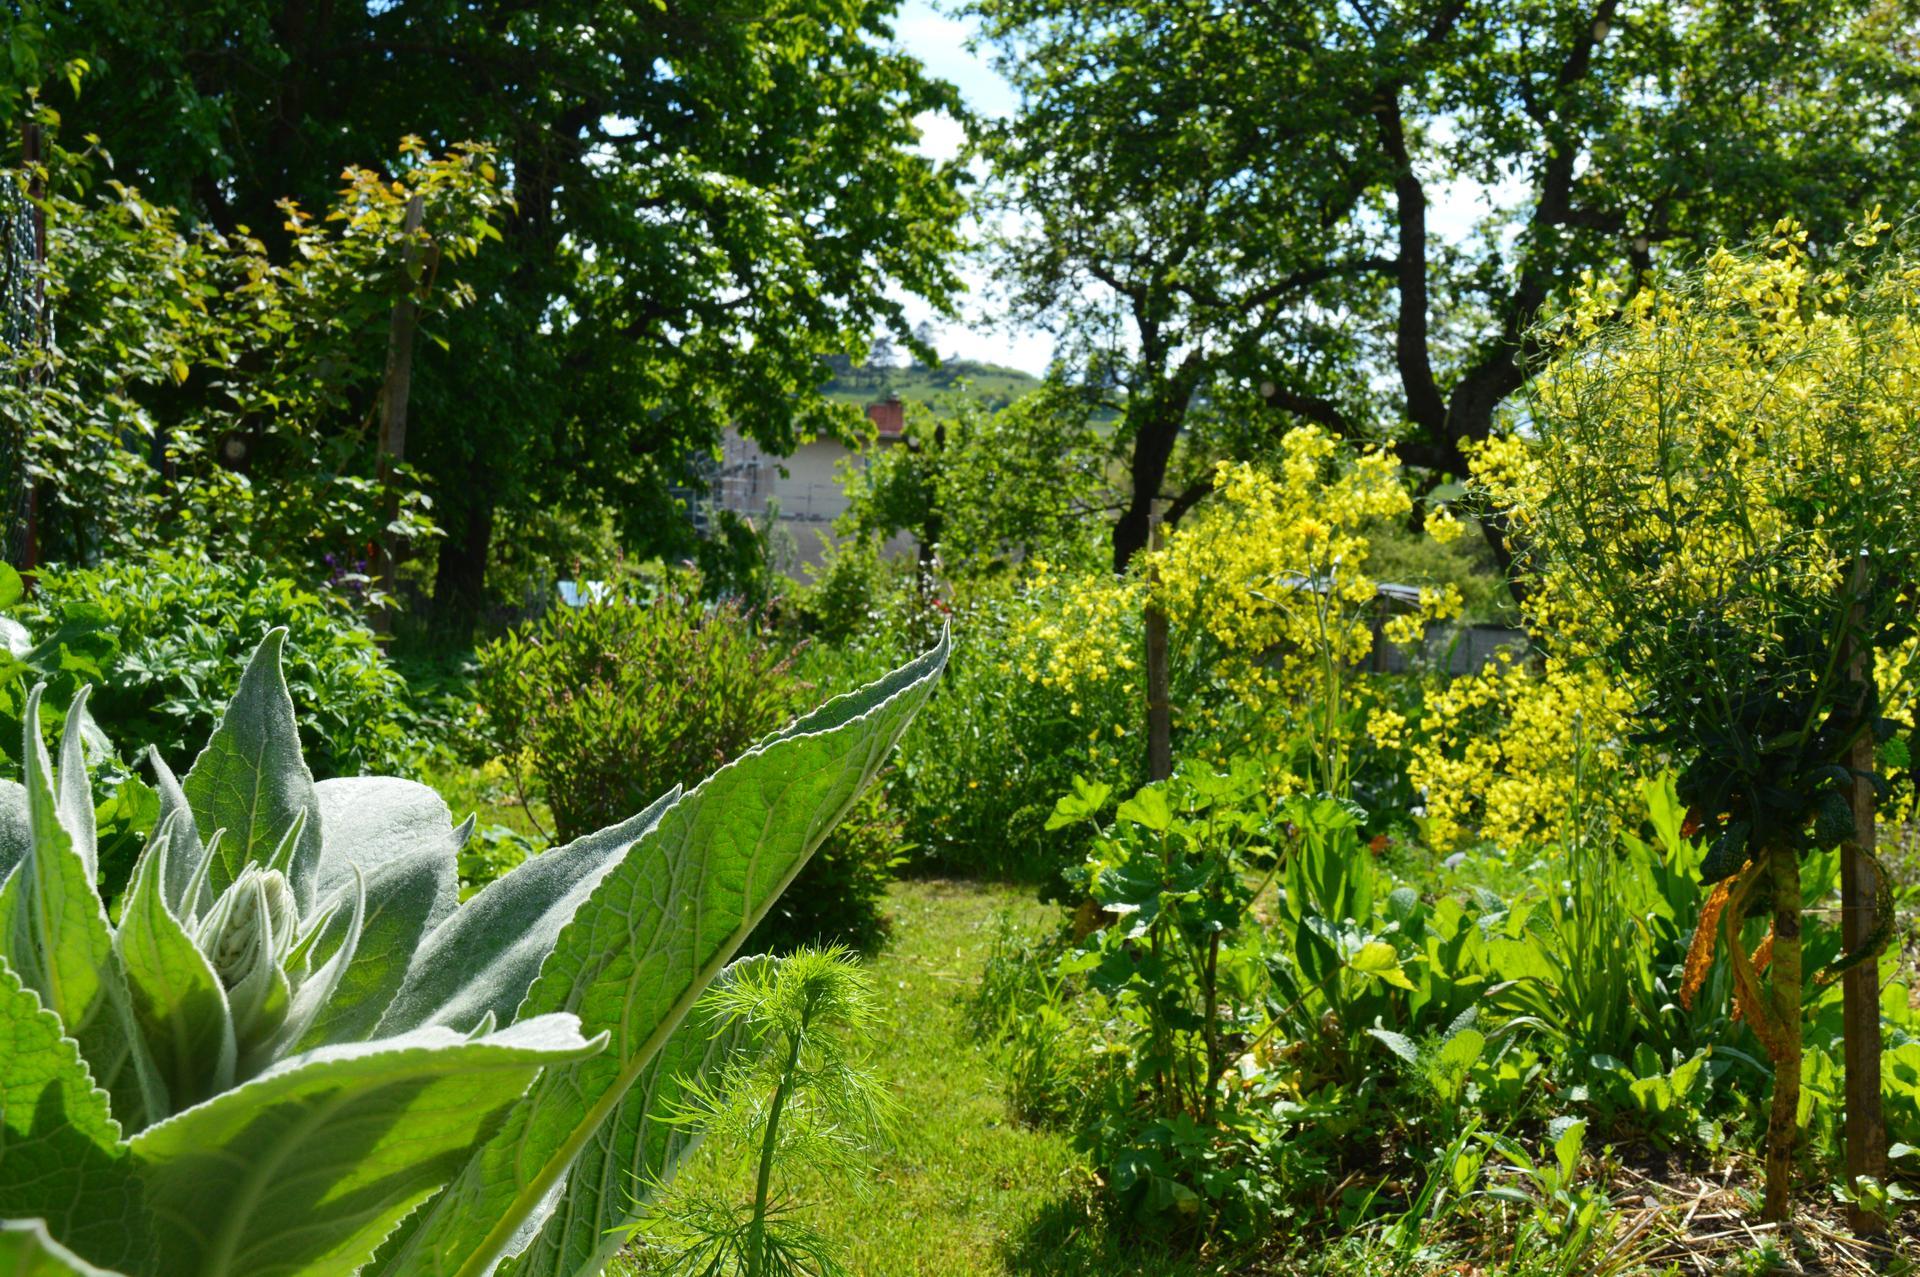 Naša prírodná perma záhradka v roku 2020 - vykvitli kapustoviny